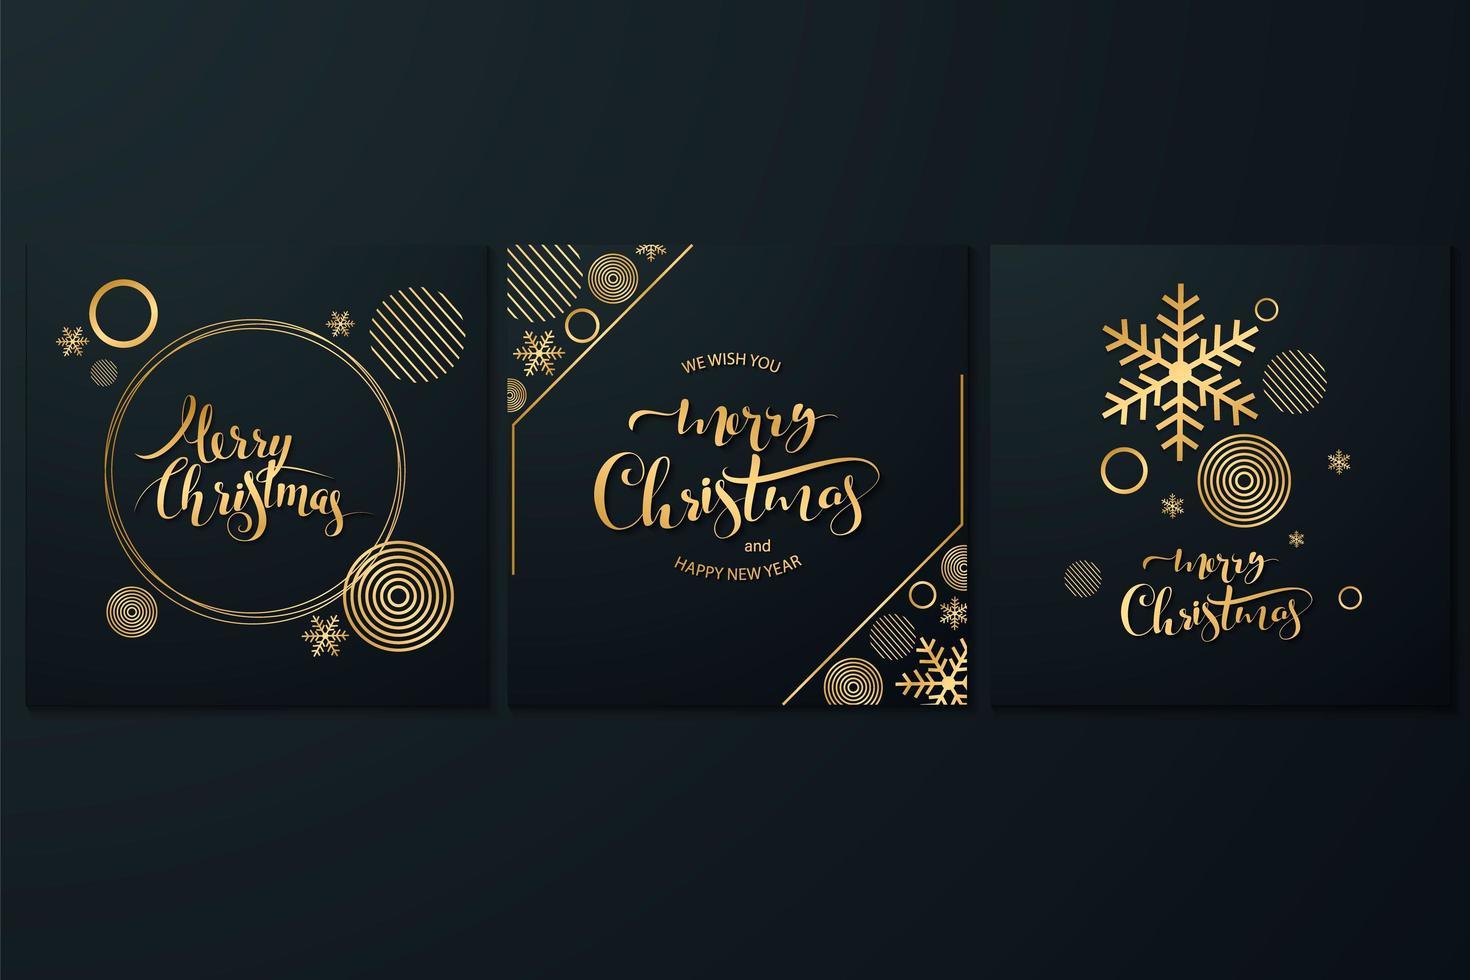 Frohe Weihnachten Kartensatz vektor